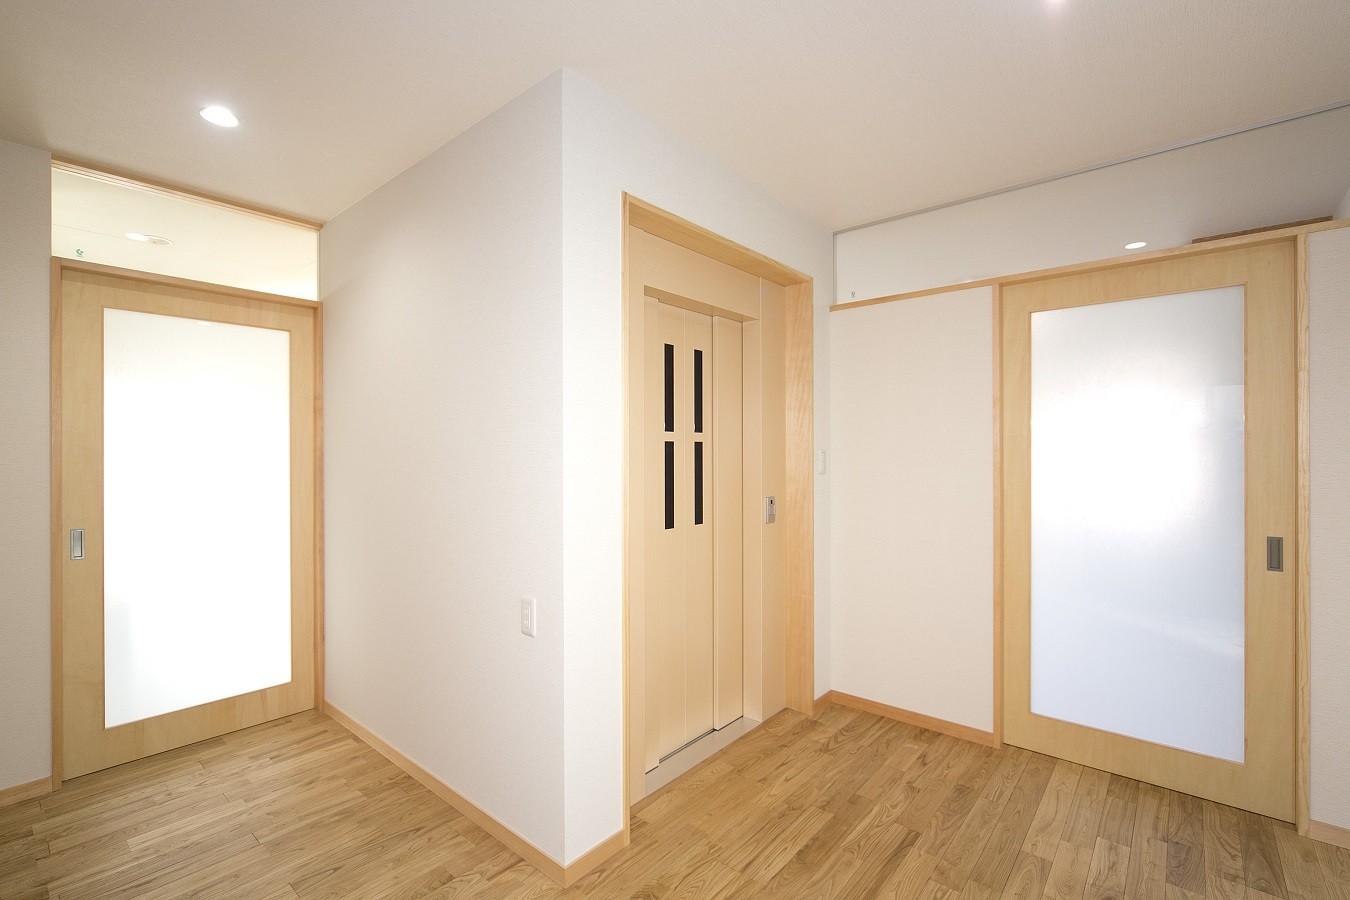 その他事例:2階 エレヴェーターホール(左右の引き戸が寝室への入り口)(ホームエレベーターがあるバリアフリー住宅 遮音・防音構造の住宅(ガレージハウス))